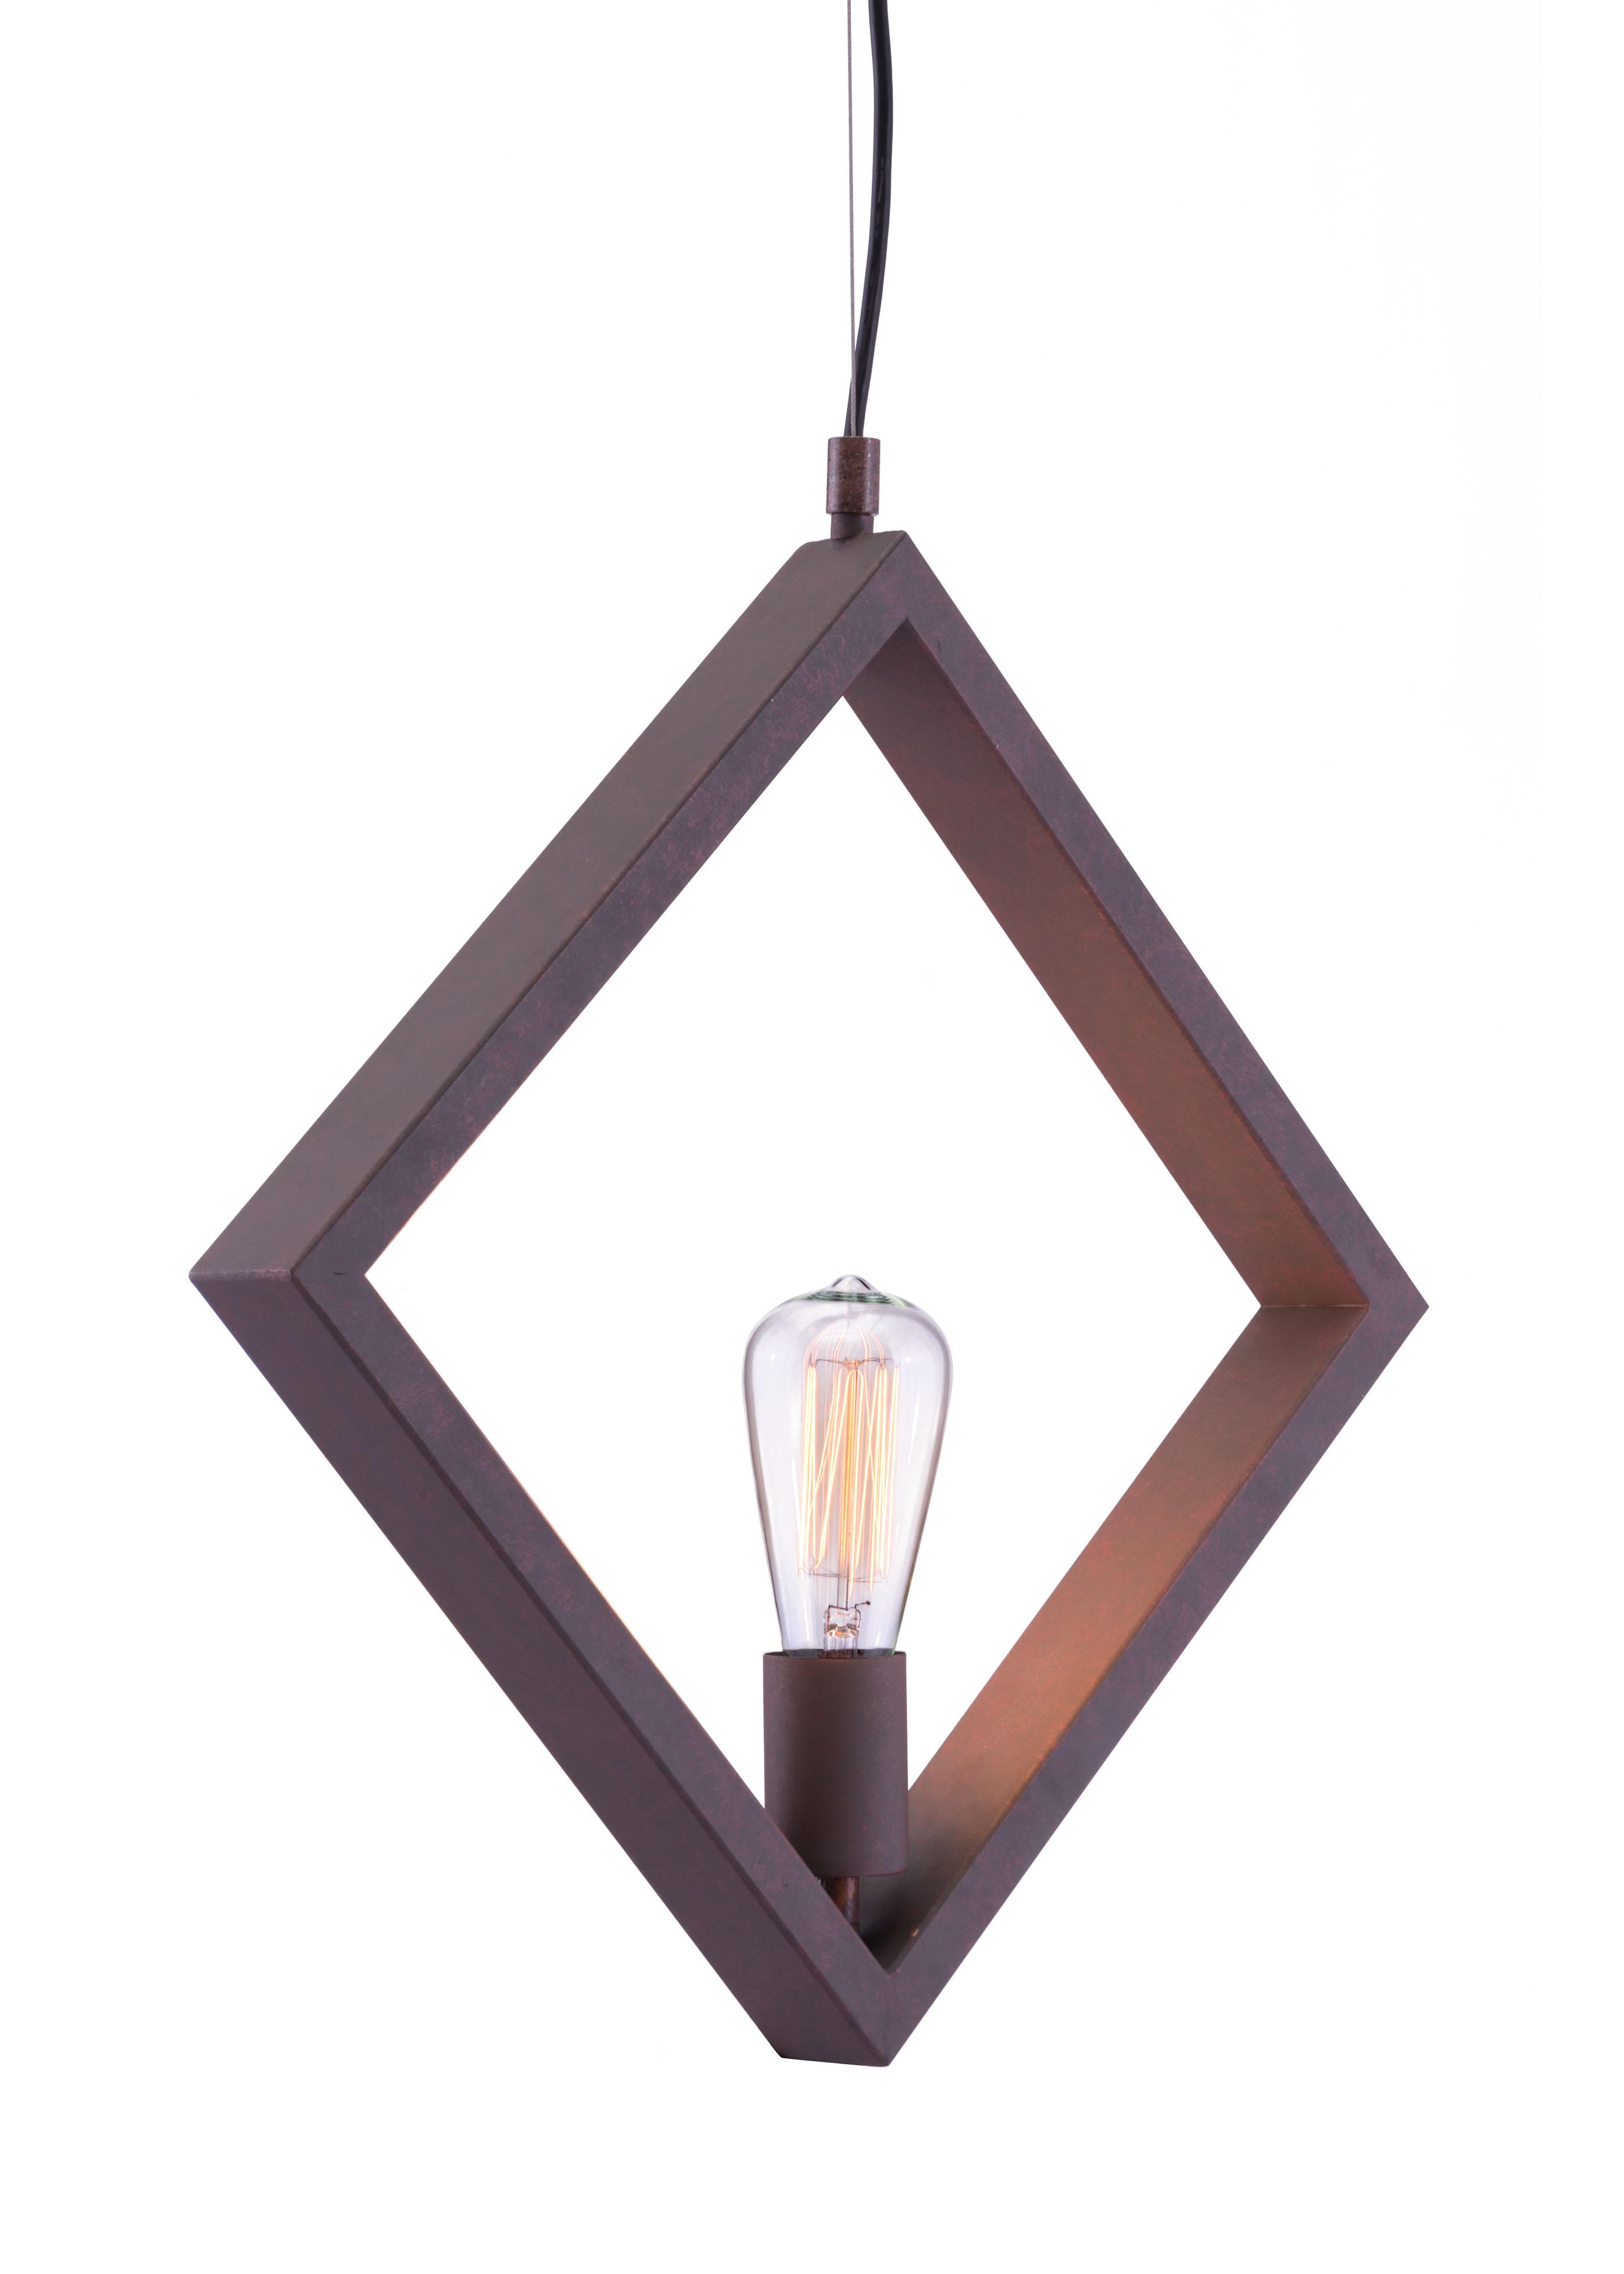 rotorura lamp